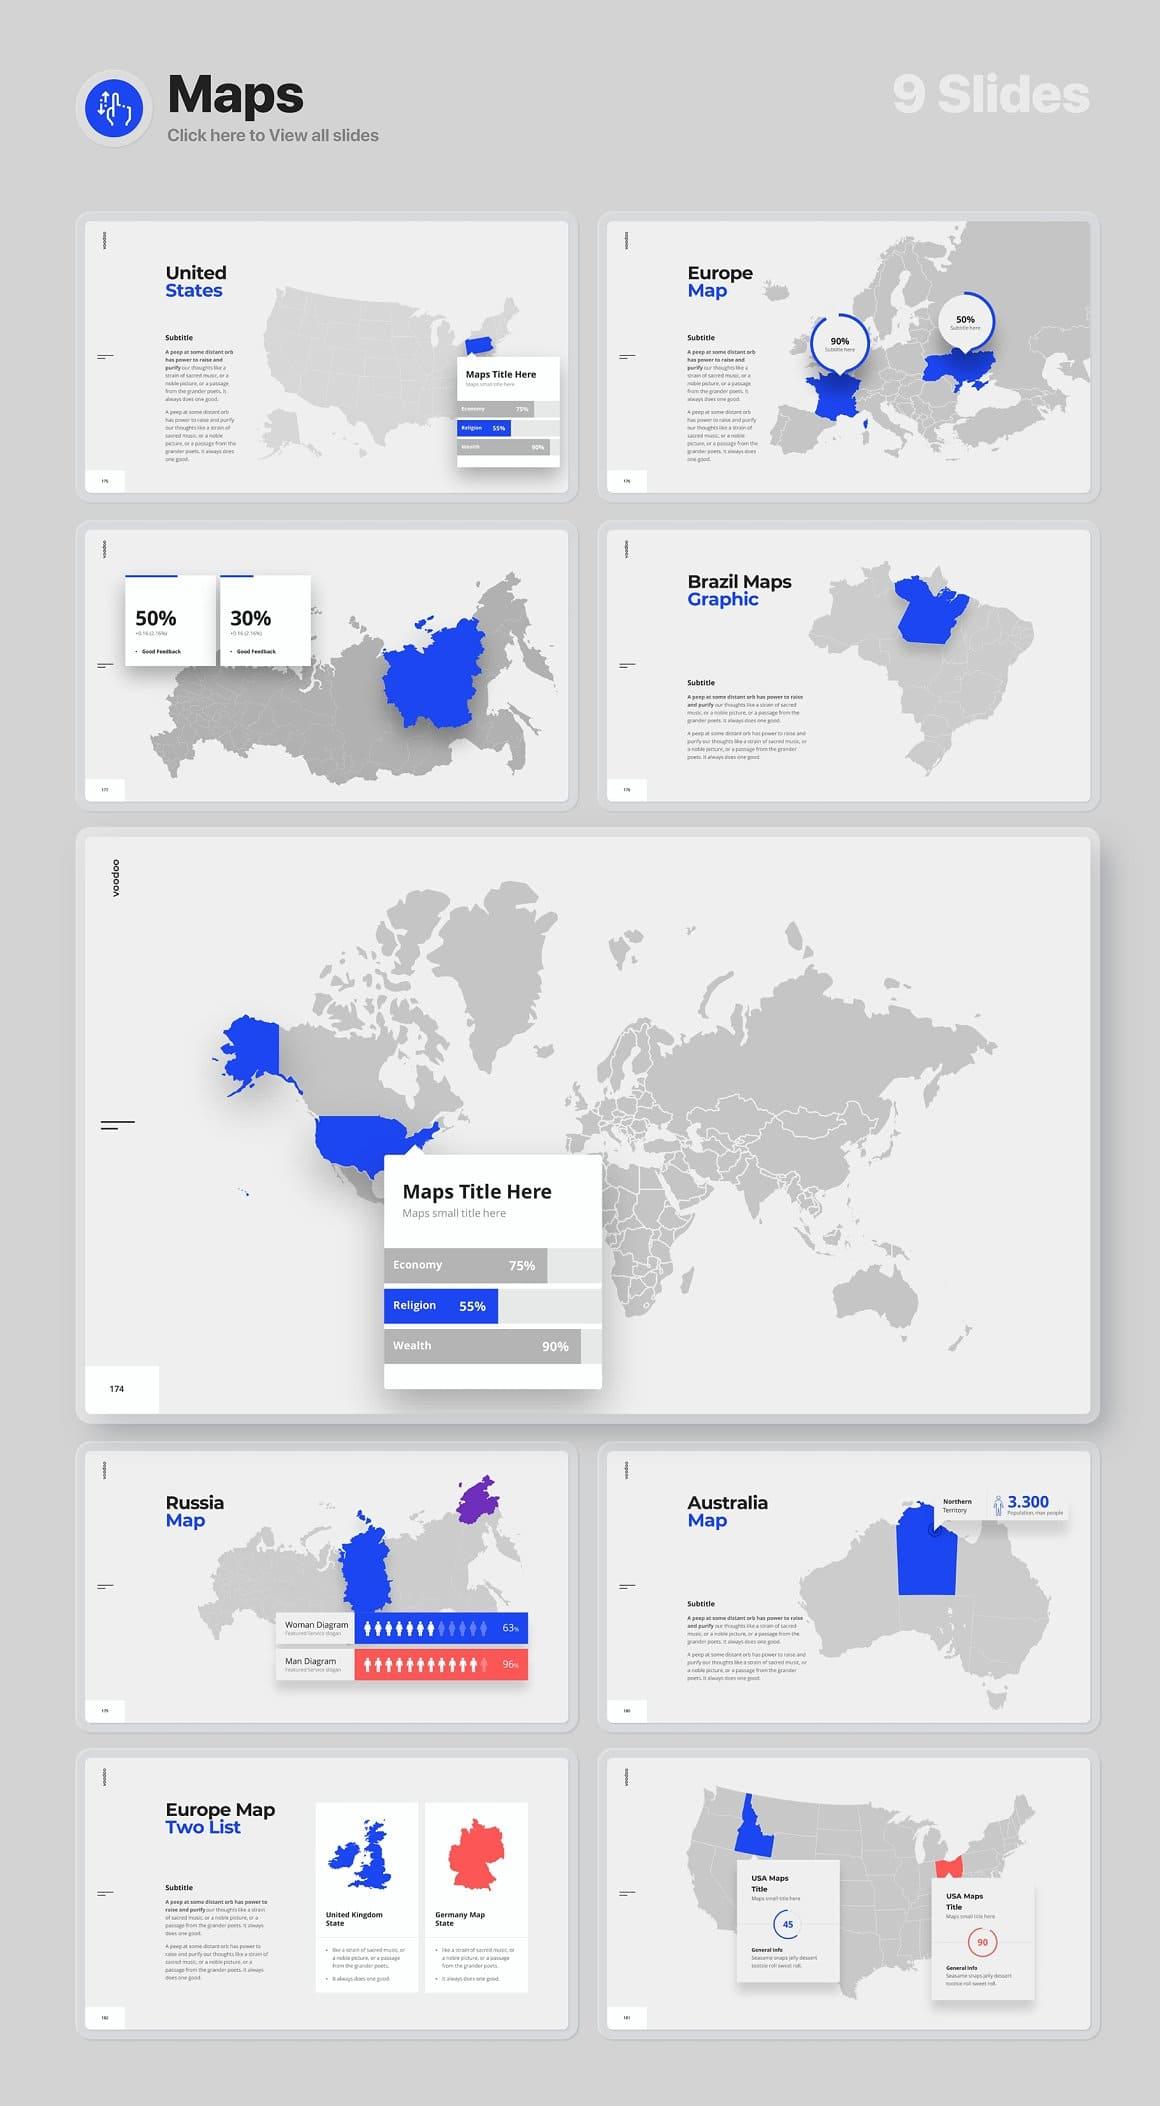 9 Slides Maps Voodoo Presentation 4.0.